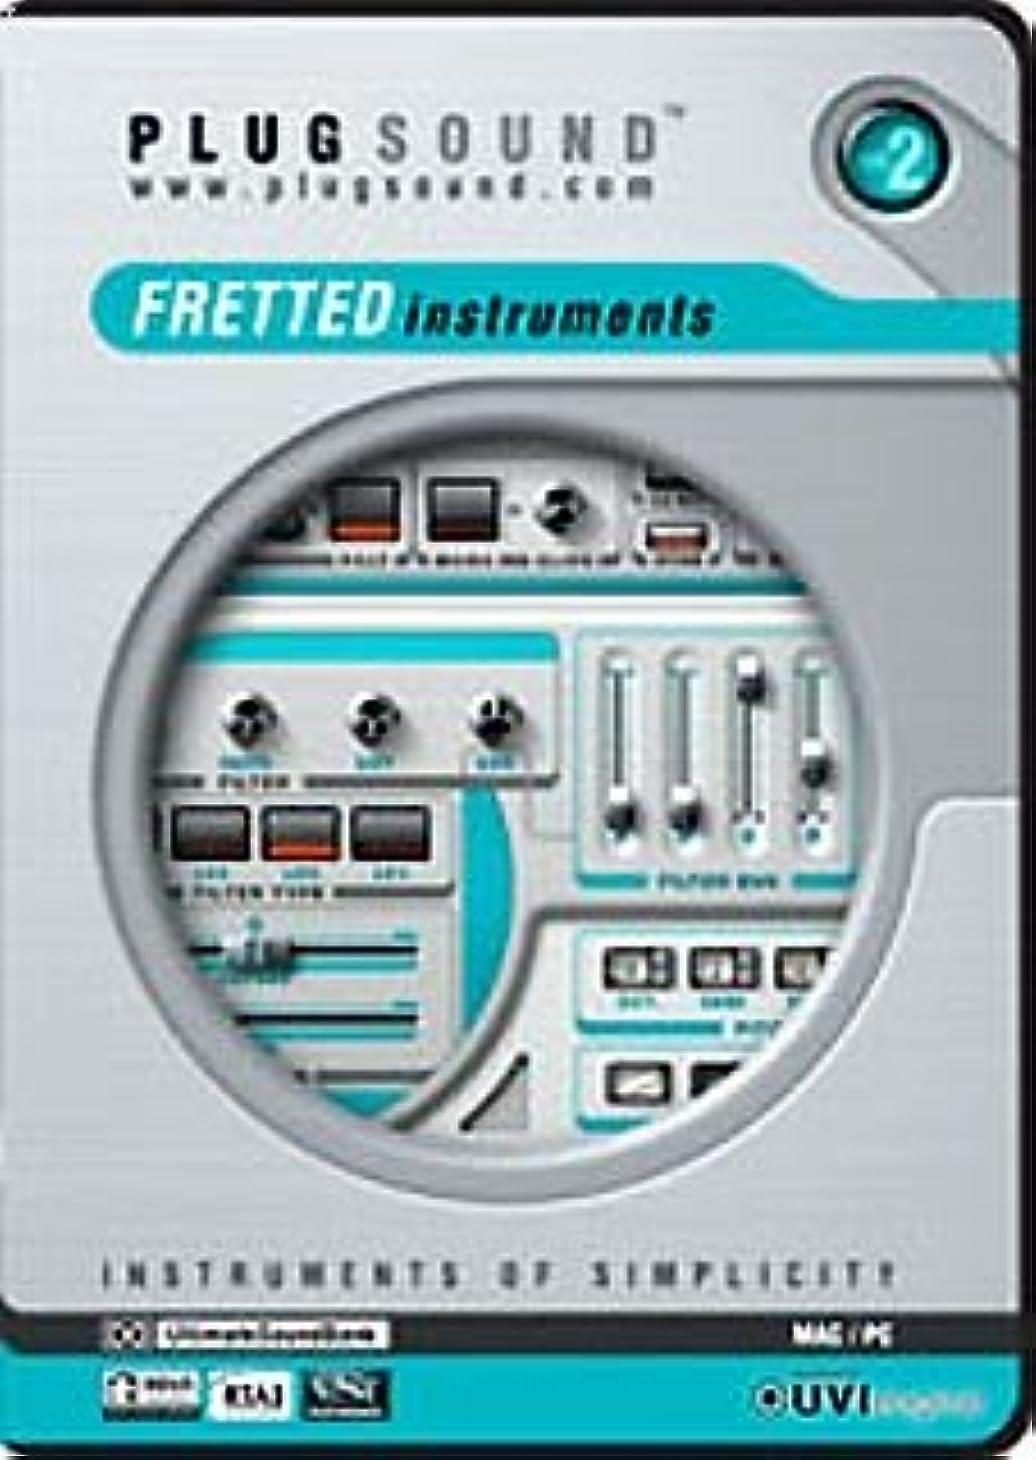 余裕があるそれら見落とすPlugsound vol.2 Fretted Instruments